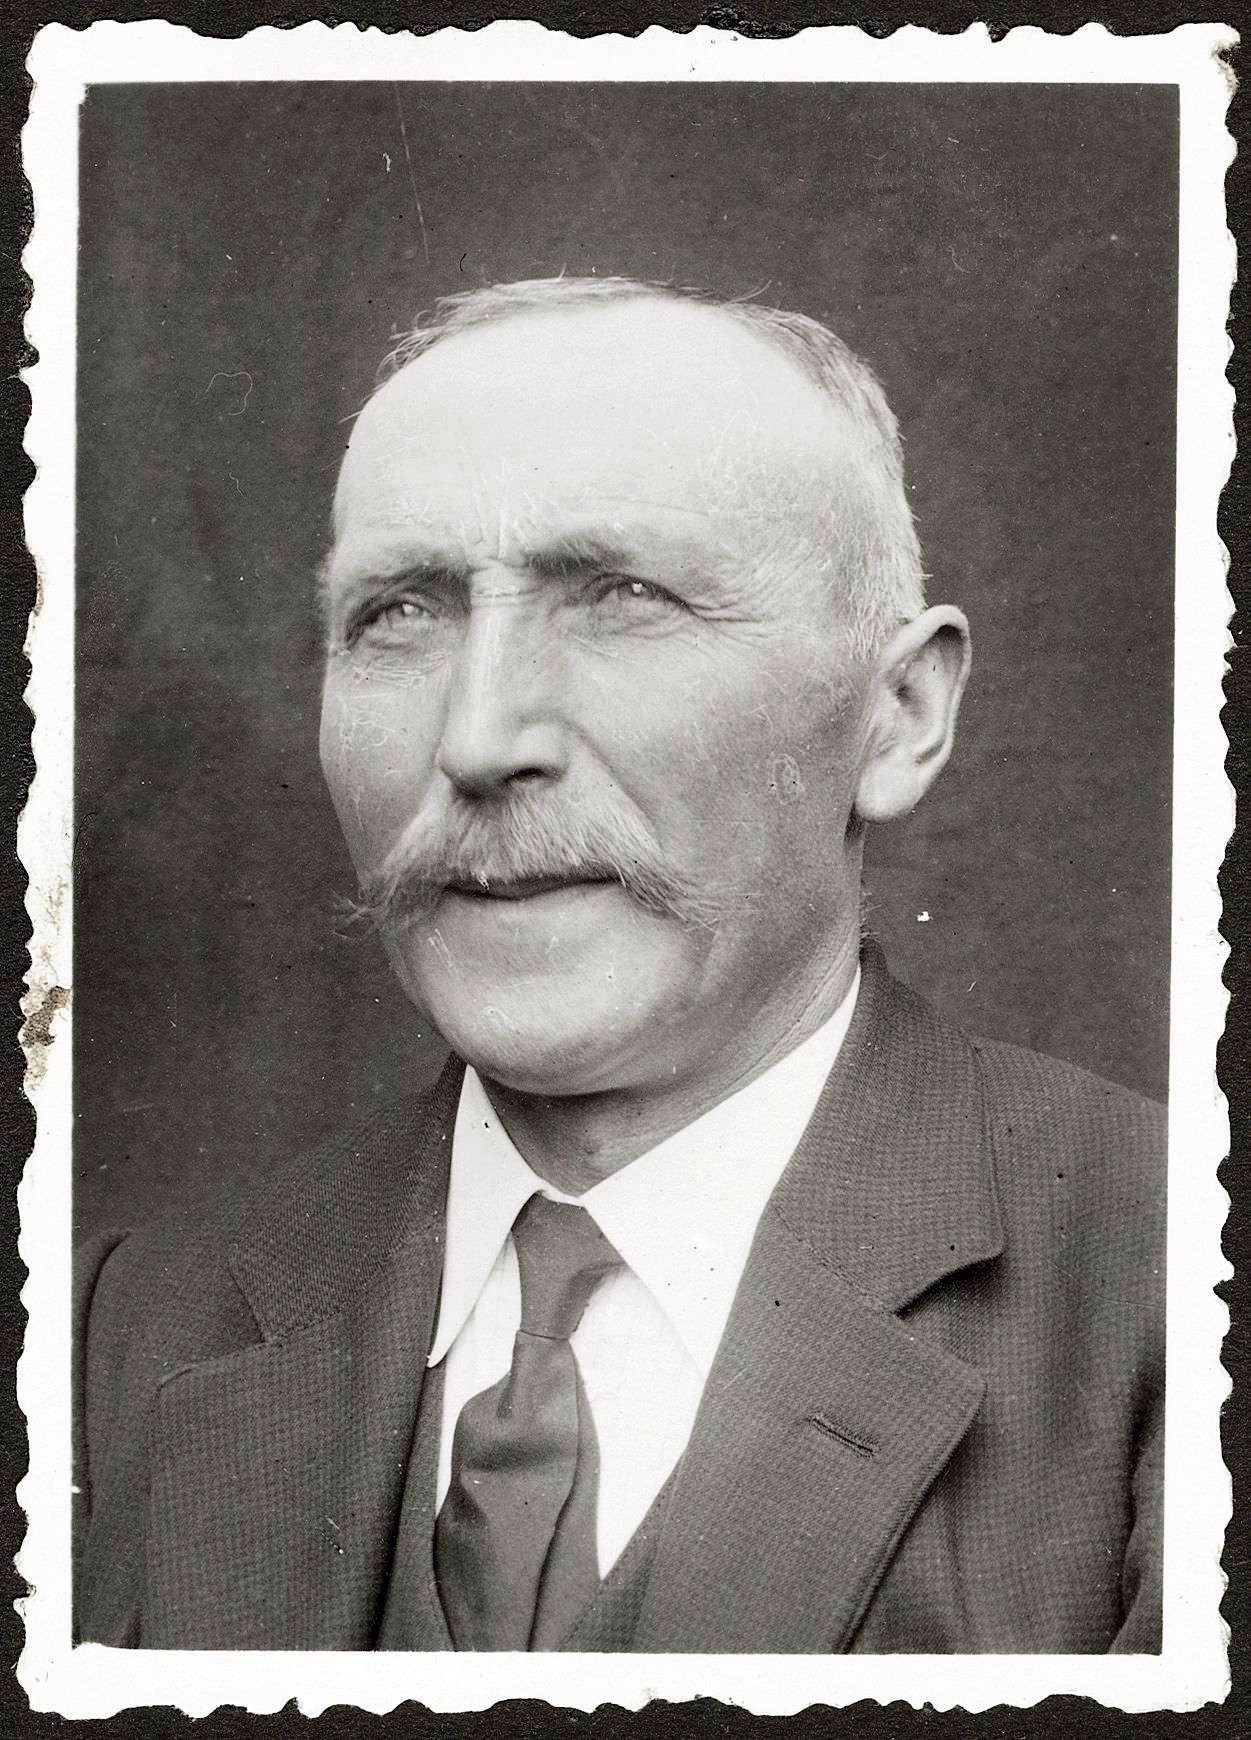 Göhring, Johann Georg, Bild 1